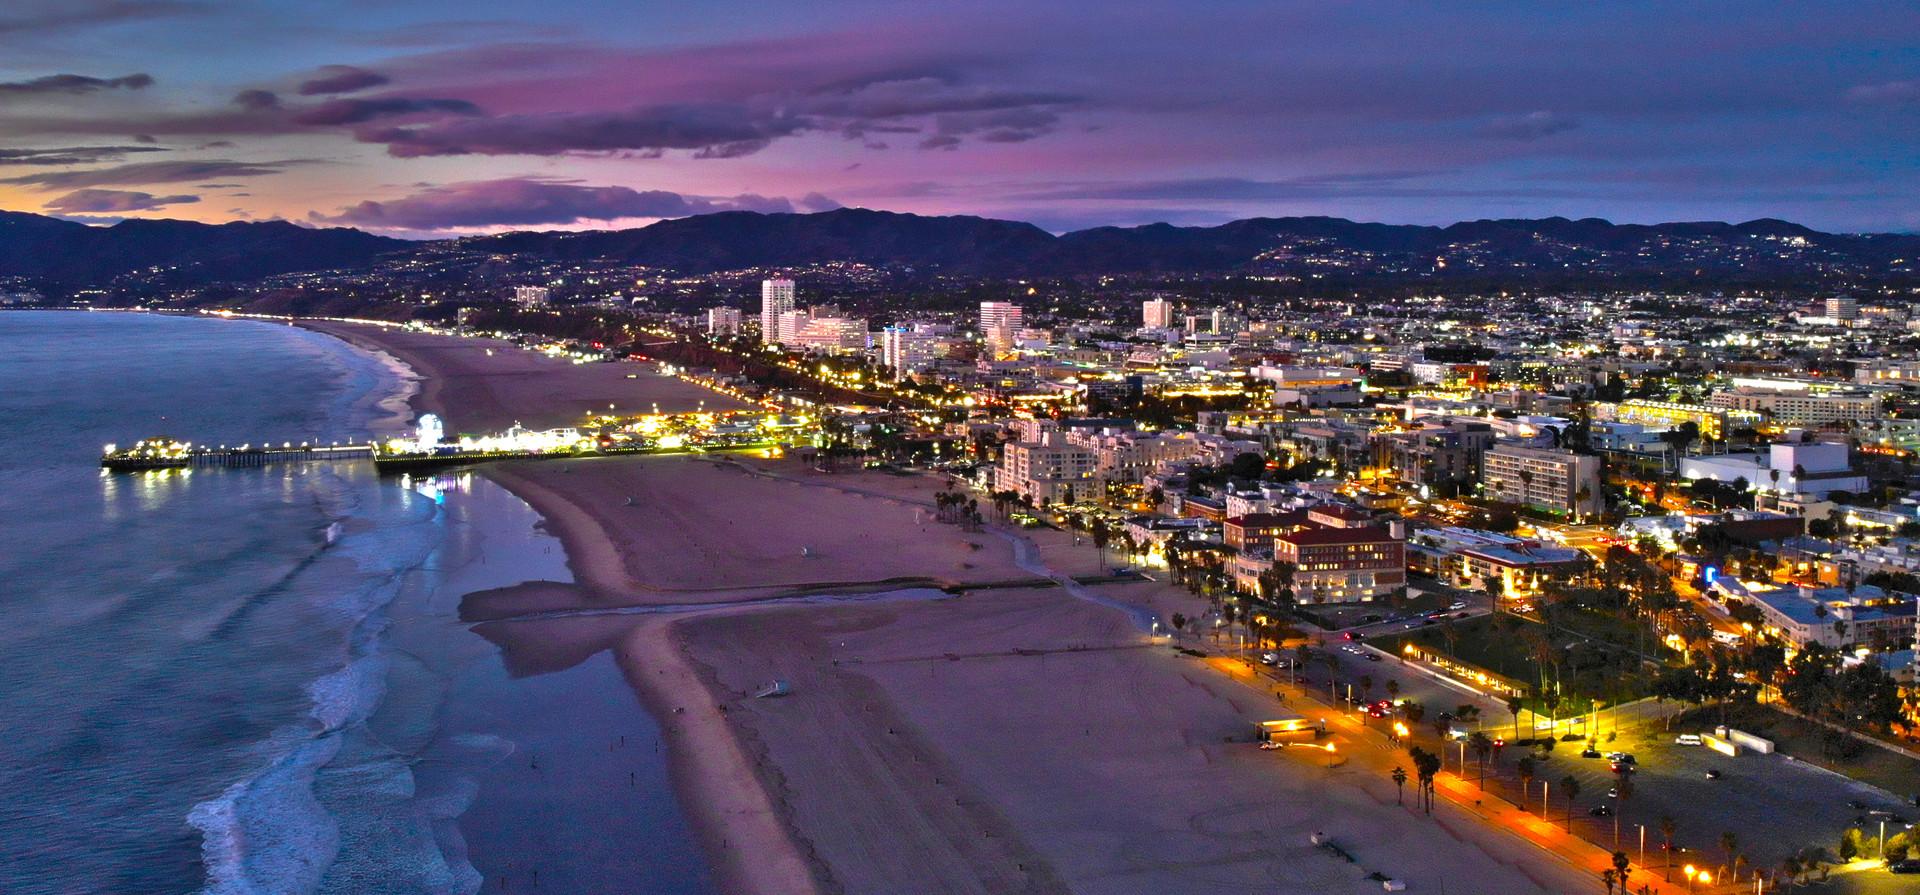 Santa_Monica_pier_HDR.jpg